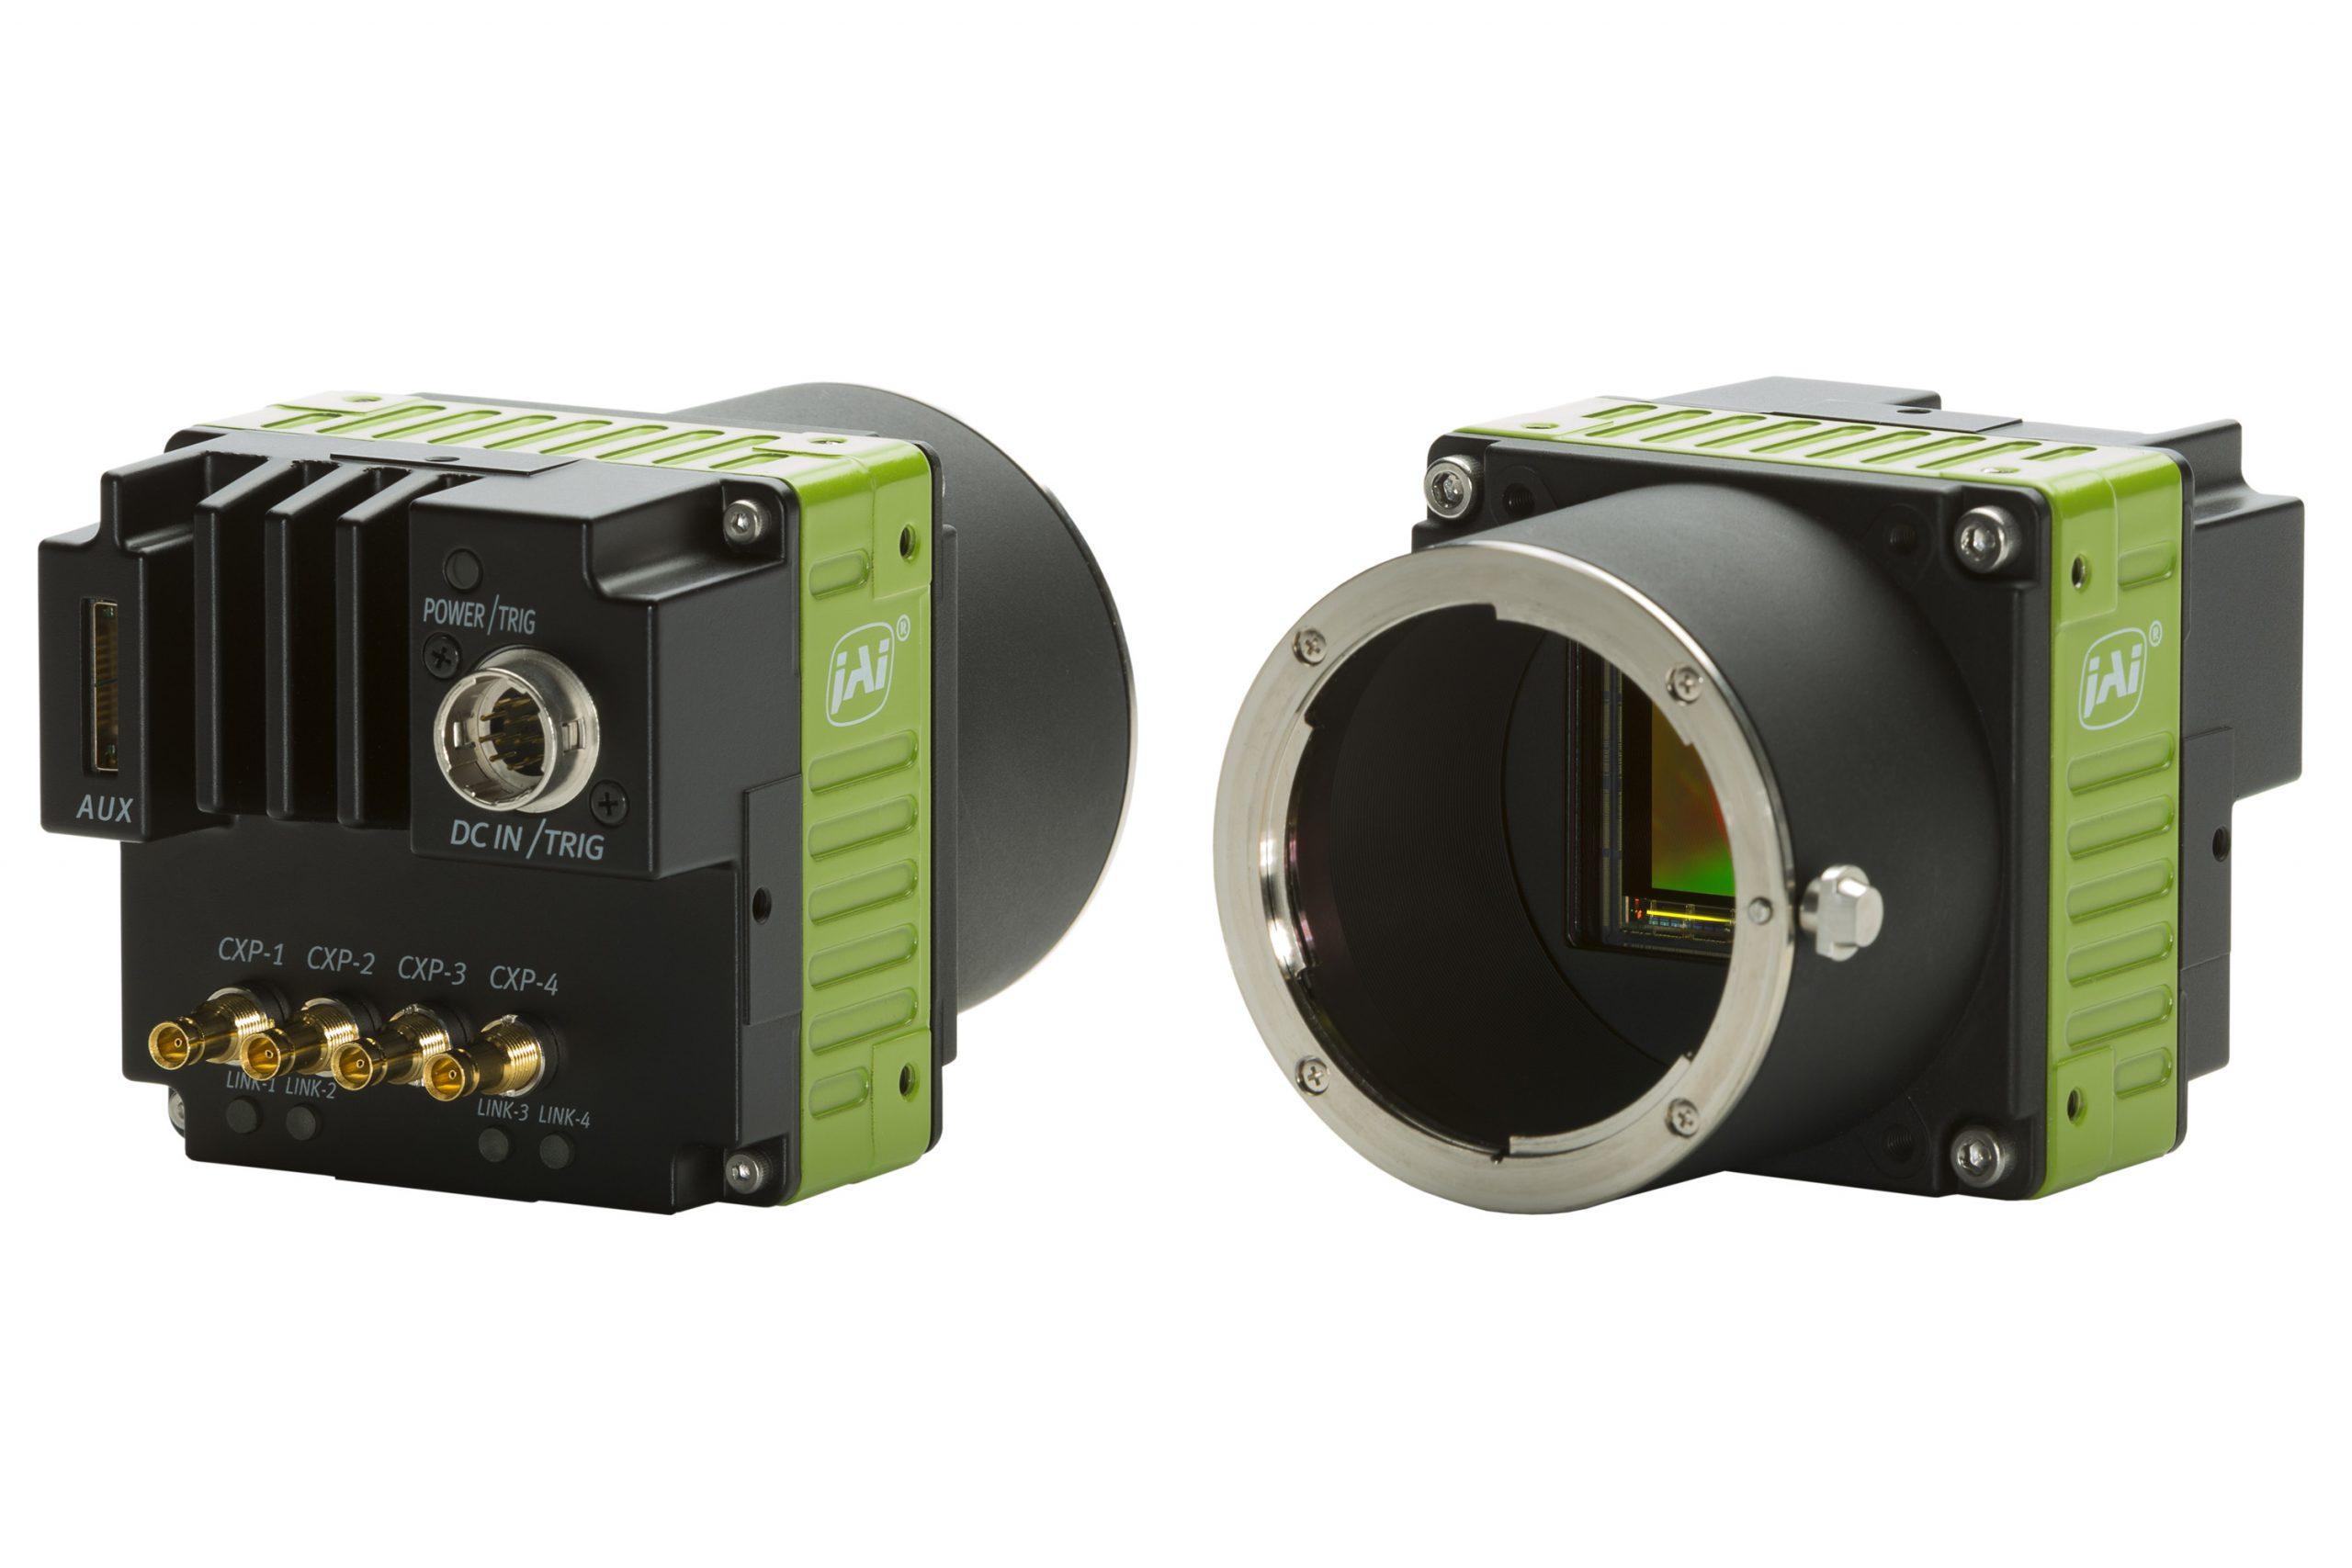 Multispektralkamerasystem mit zwei Filterrädern